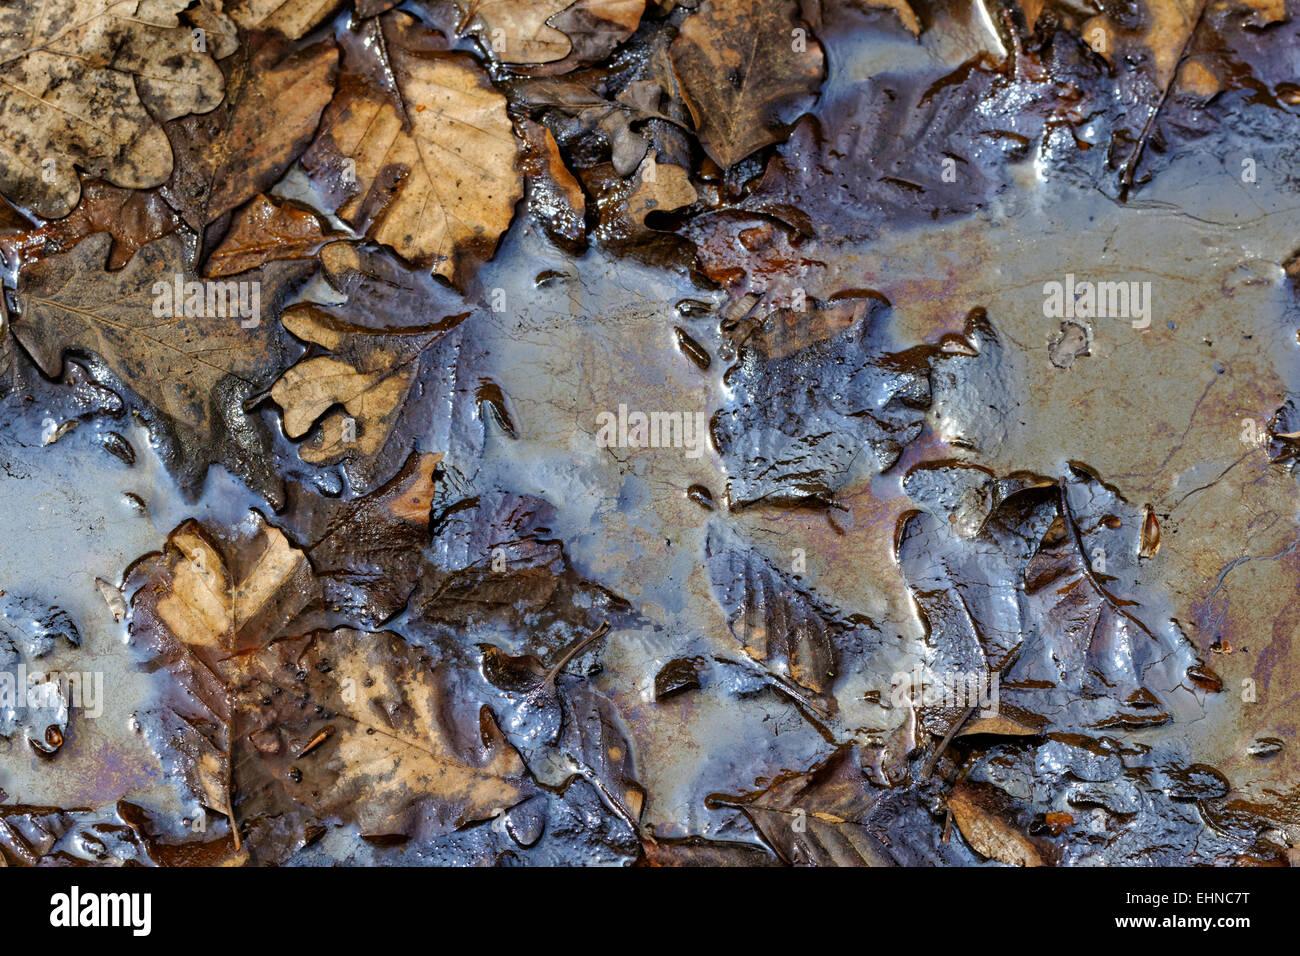 La pollution aux hydrocarbures sur les terres forestières Photo Stock